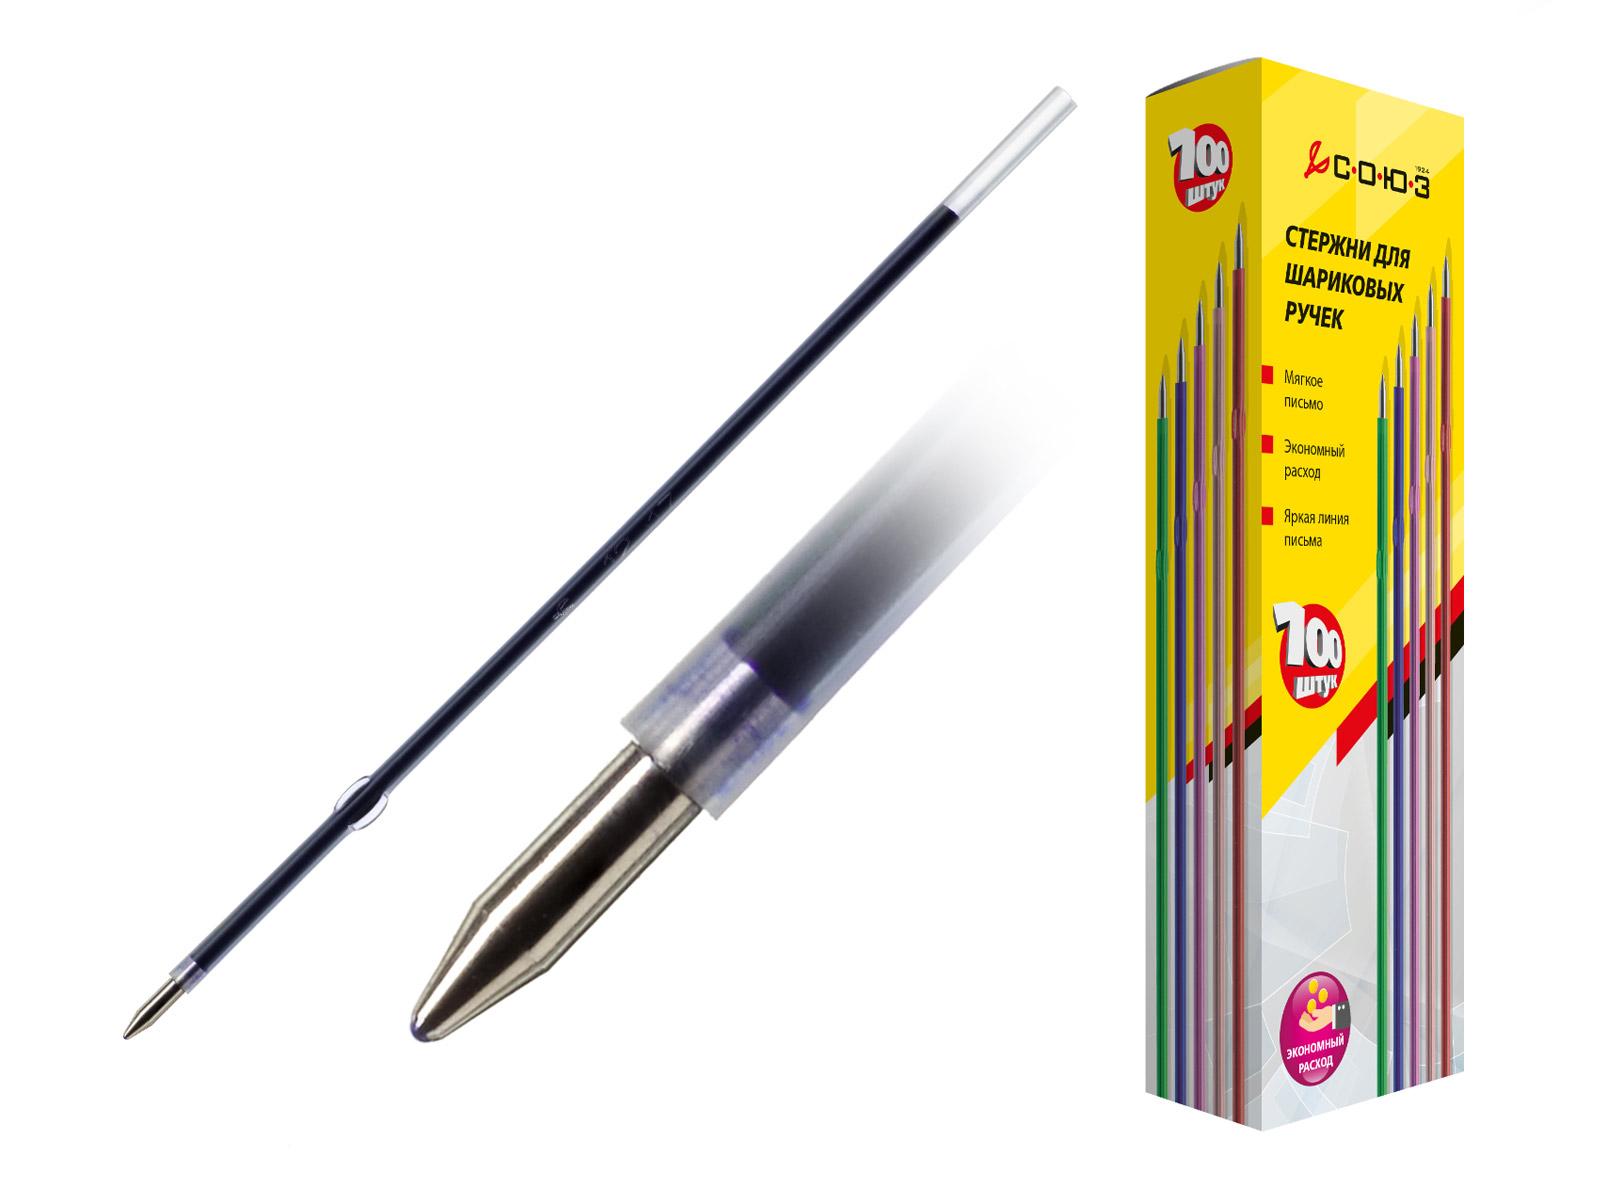 Стержни для шариковых ручек УП132(BEIFA) с упором